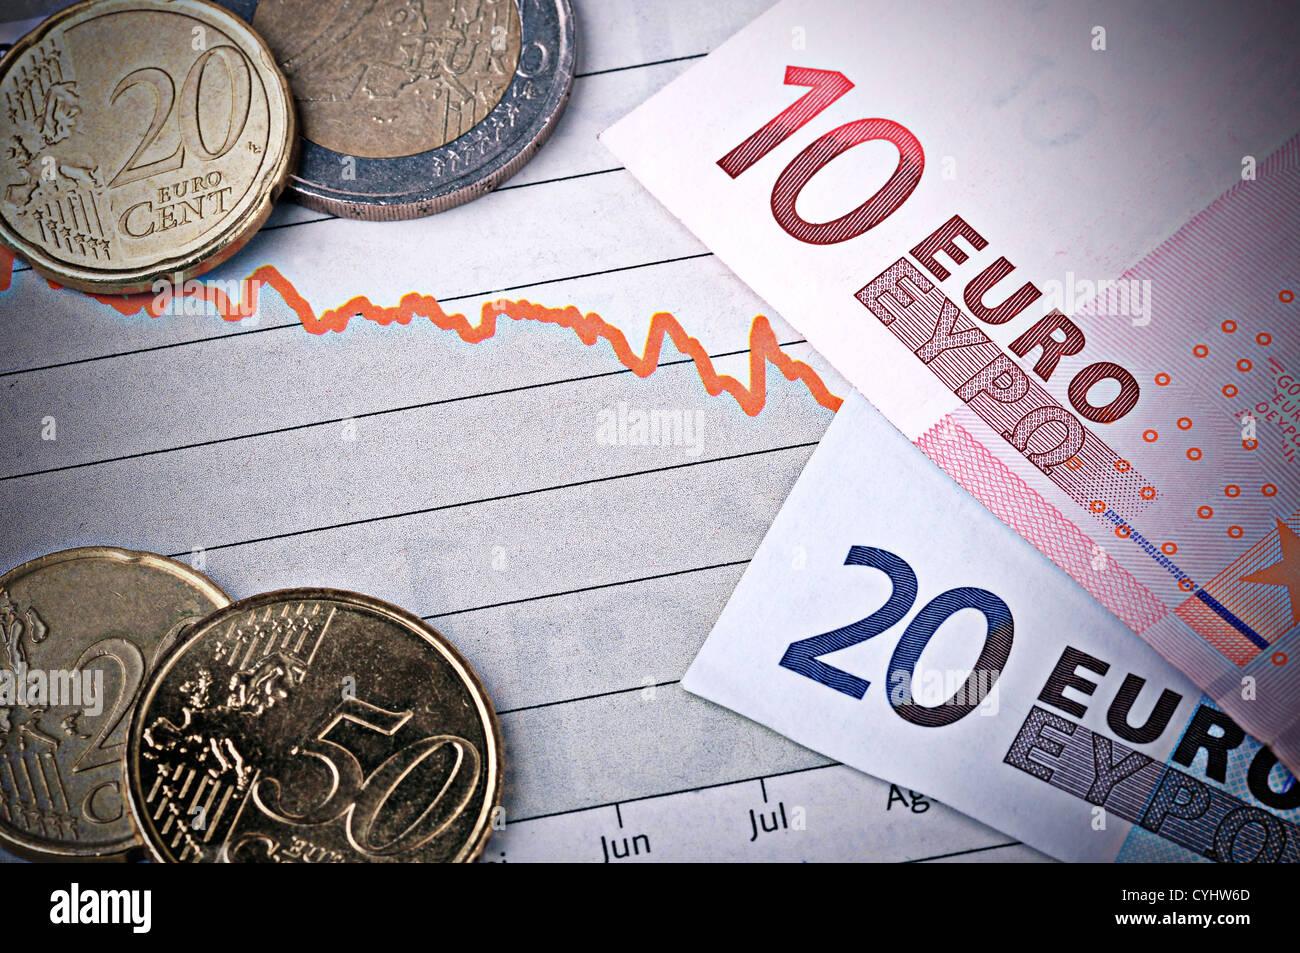 Un paio di banconote e monete sulla parte superiore di un grafico. Desature e con un look grintoso. Immagini Stock